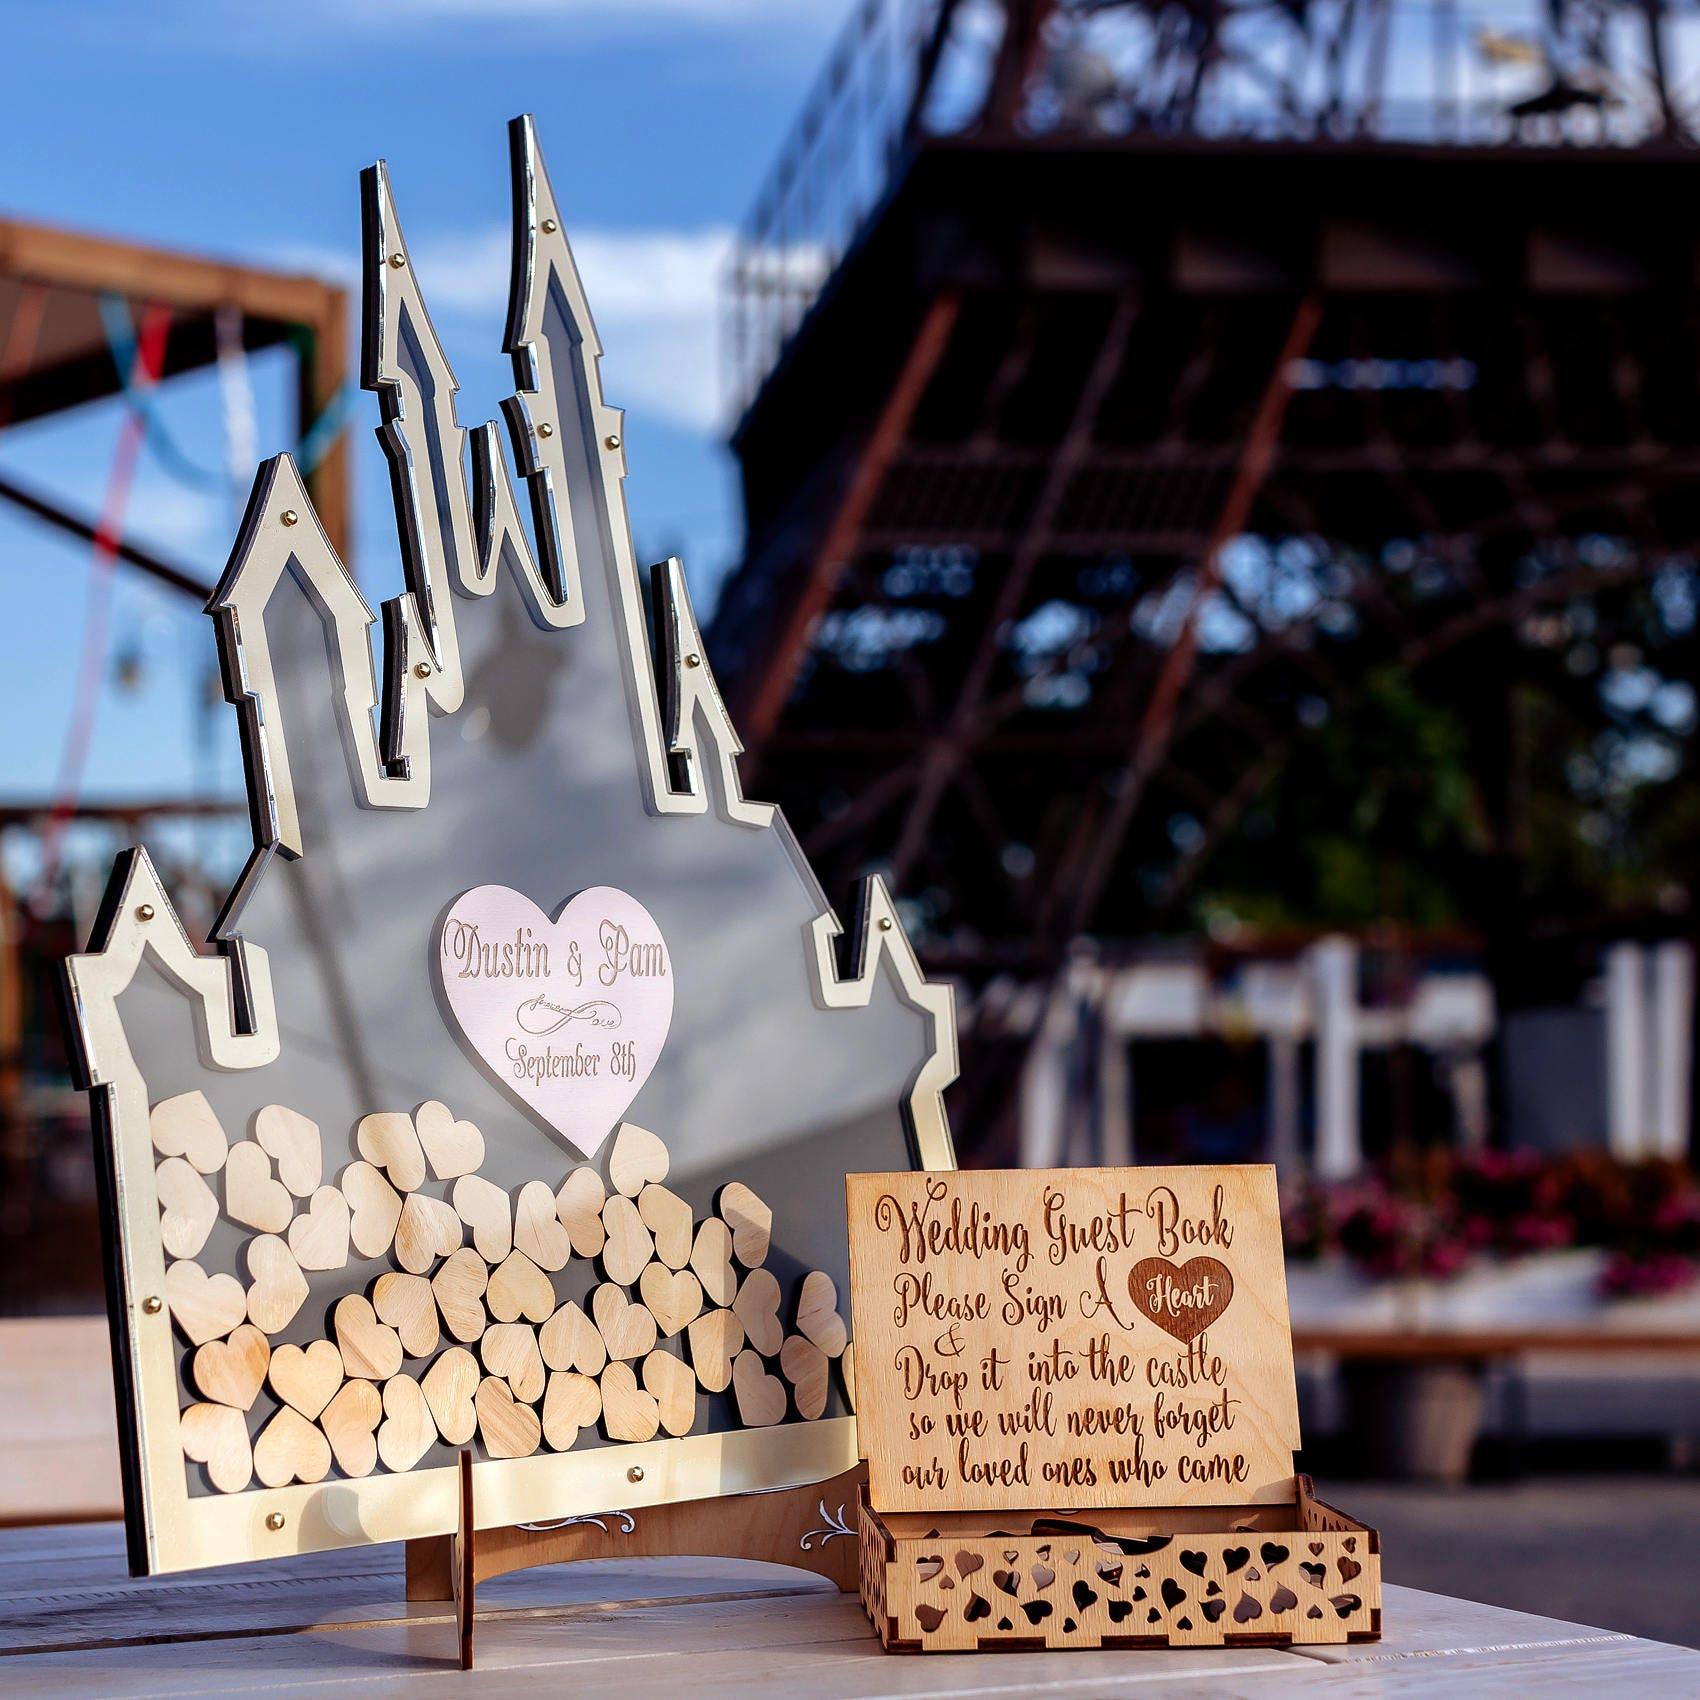 Unique Disney Wedding Guest Book Ideas: Disney Wedding Guest Book Alternative Mason Jar Wedding